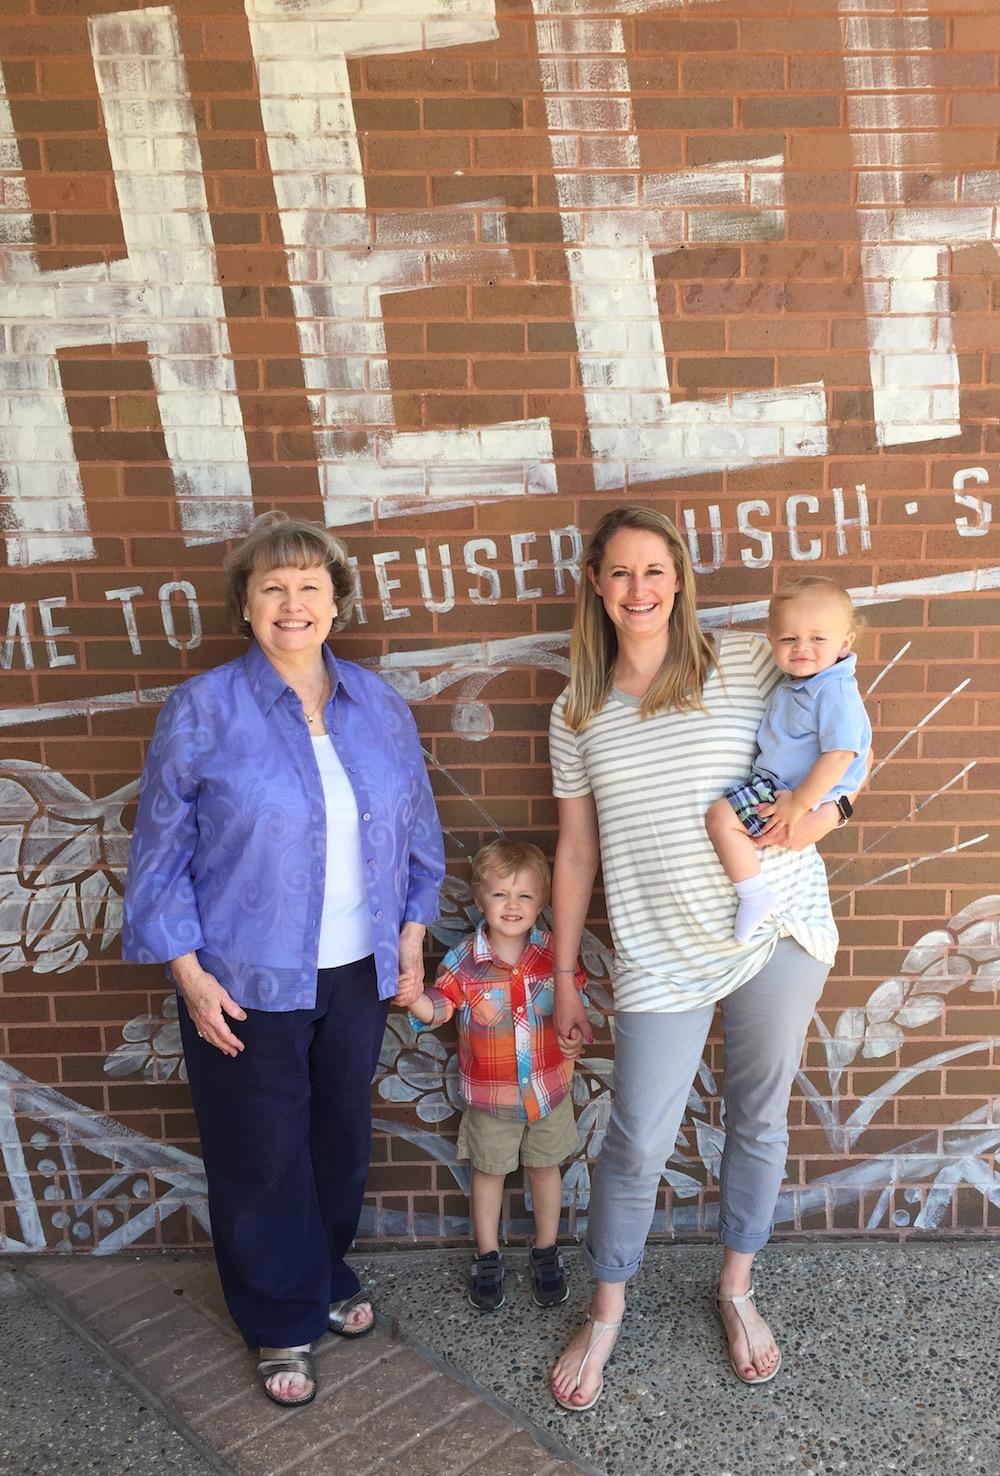 Mother's Day Brunch at Anheuser-Busch St. Louis Biergarten